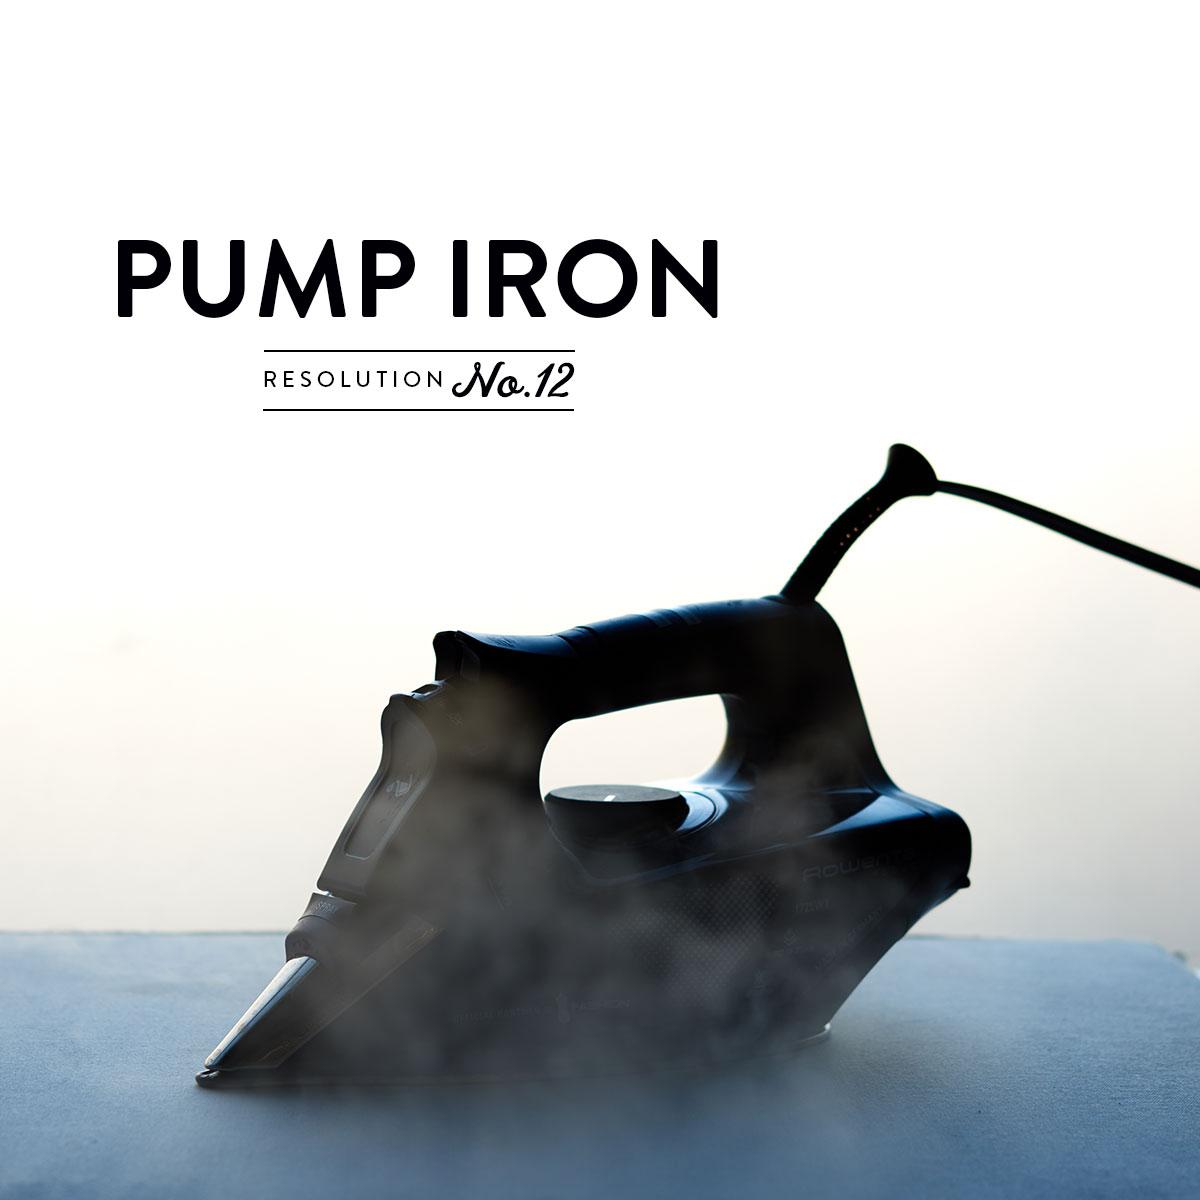 Pump Iron